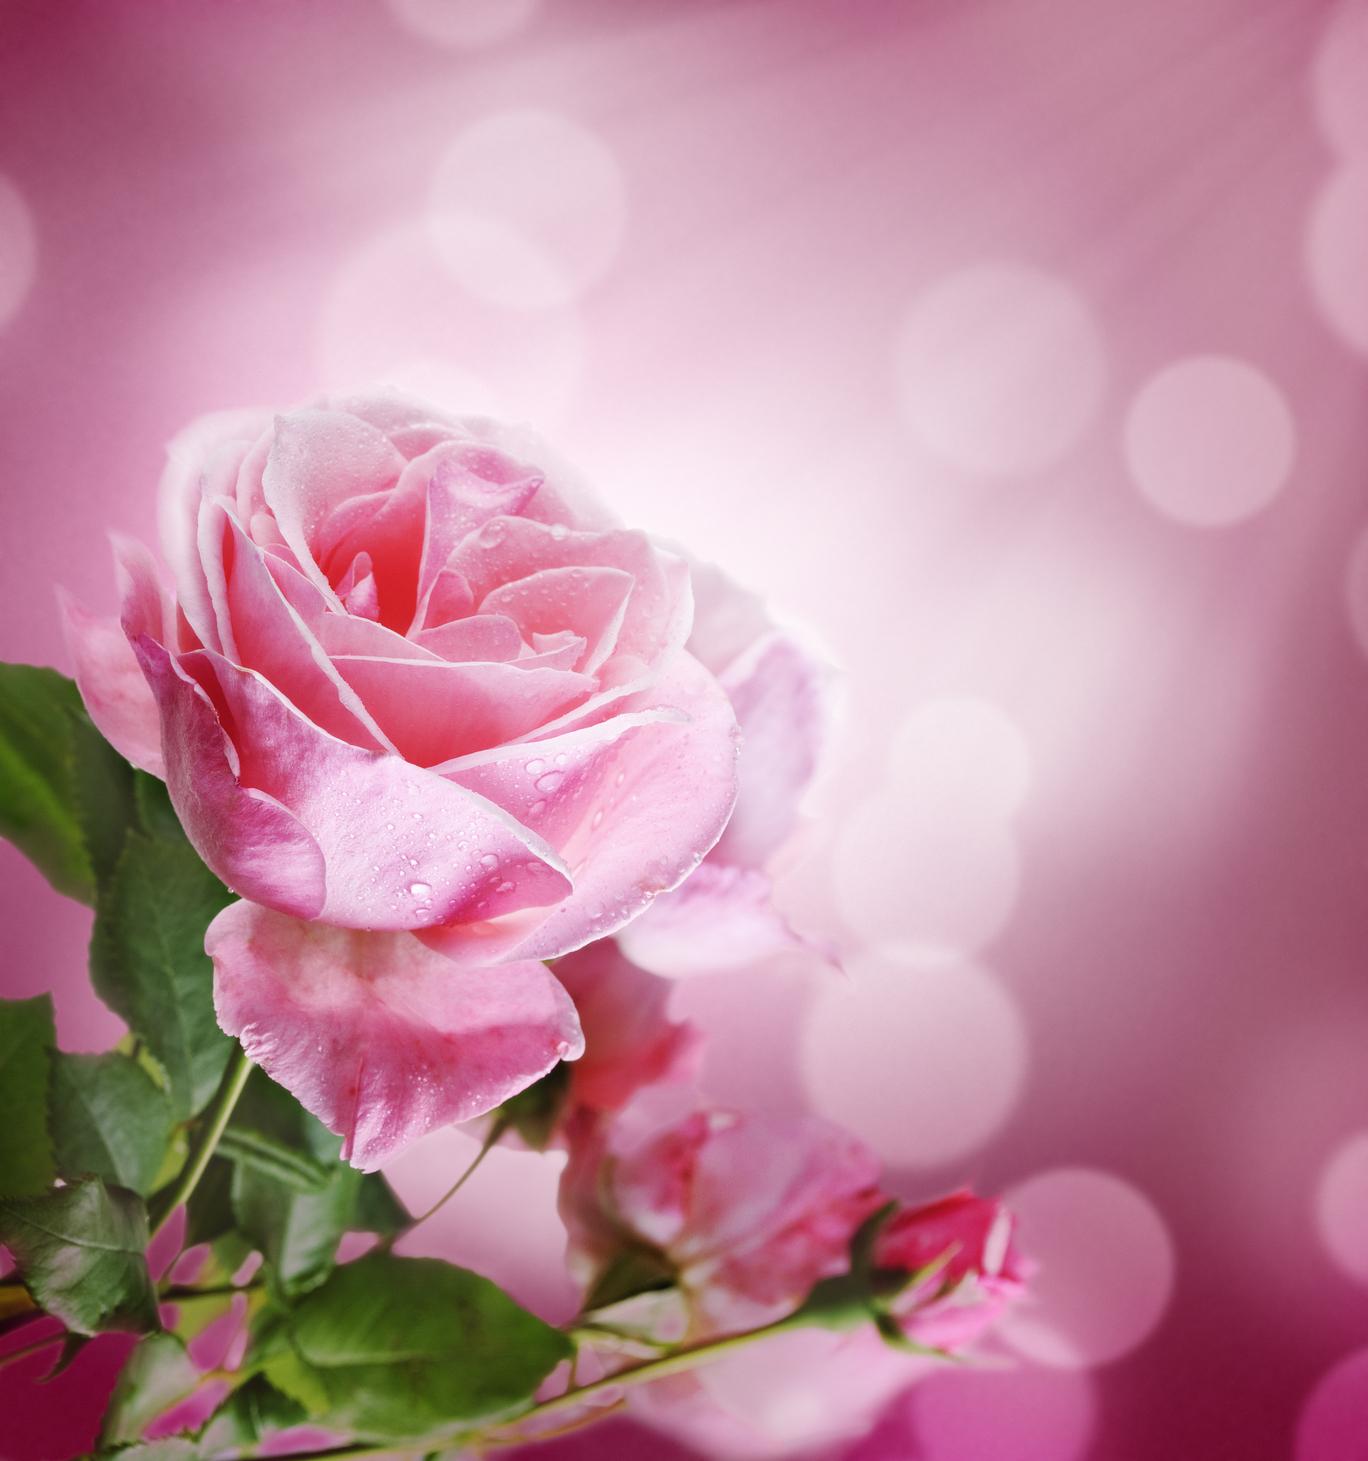 Banco de im genes las fotos m s hermosas de rosas de - Rosas rosas hermosas ...